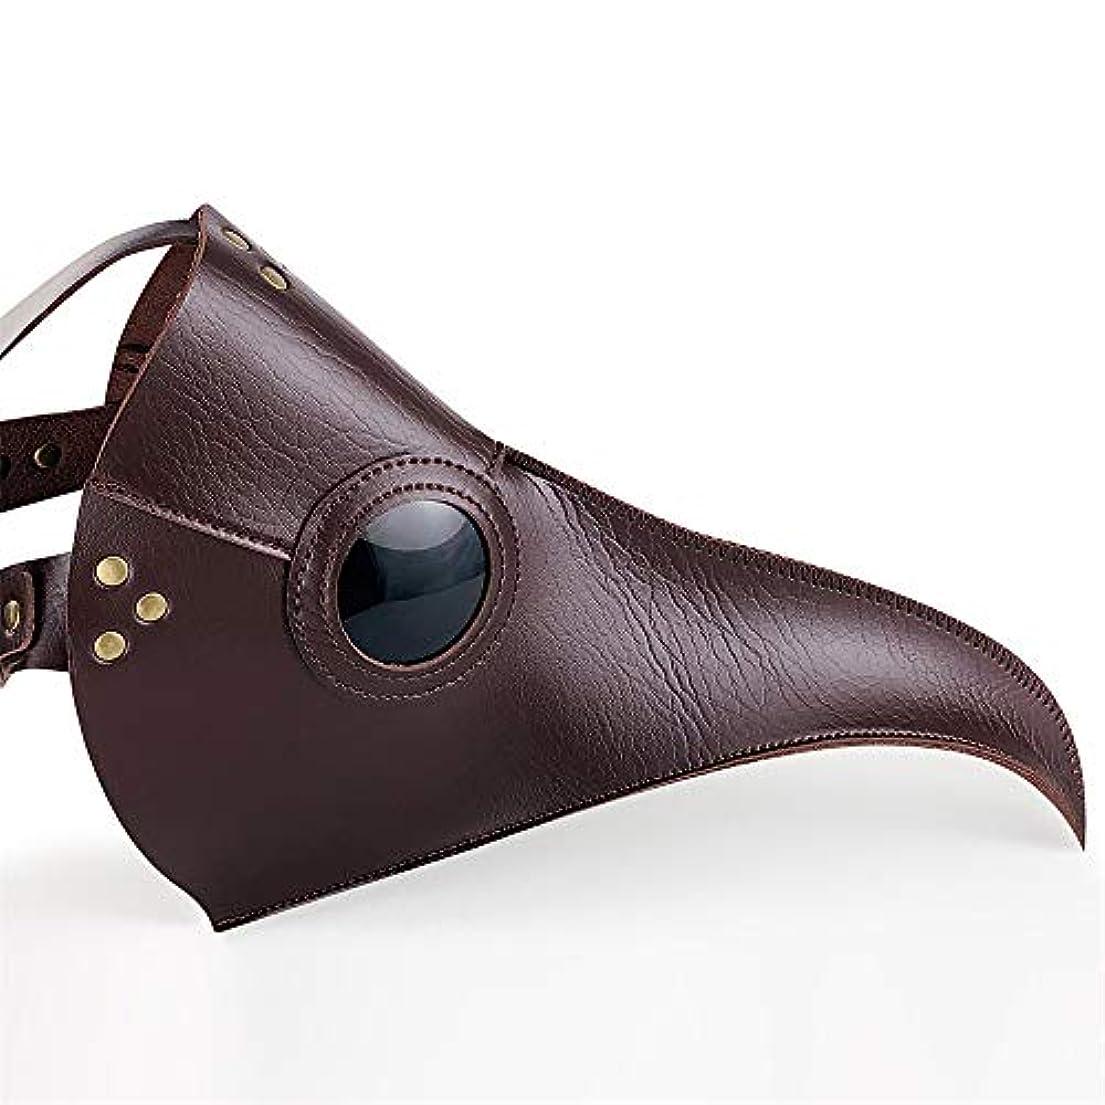 ヨーロッパこだわり外向きロングビークマスクハロウィン小道具ギフト仮装マスク